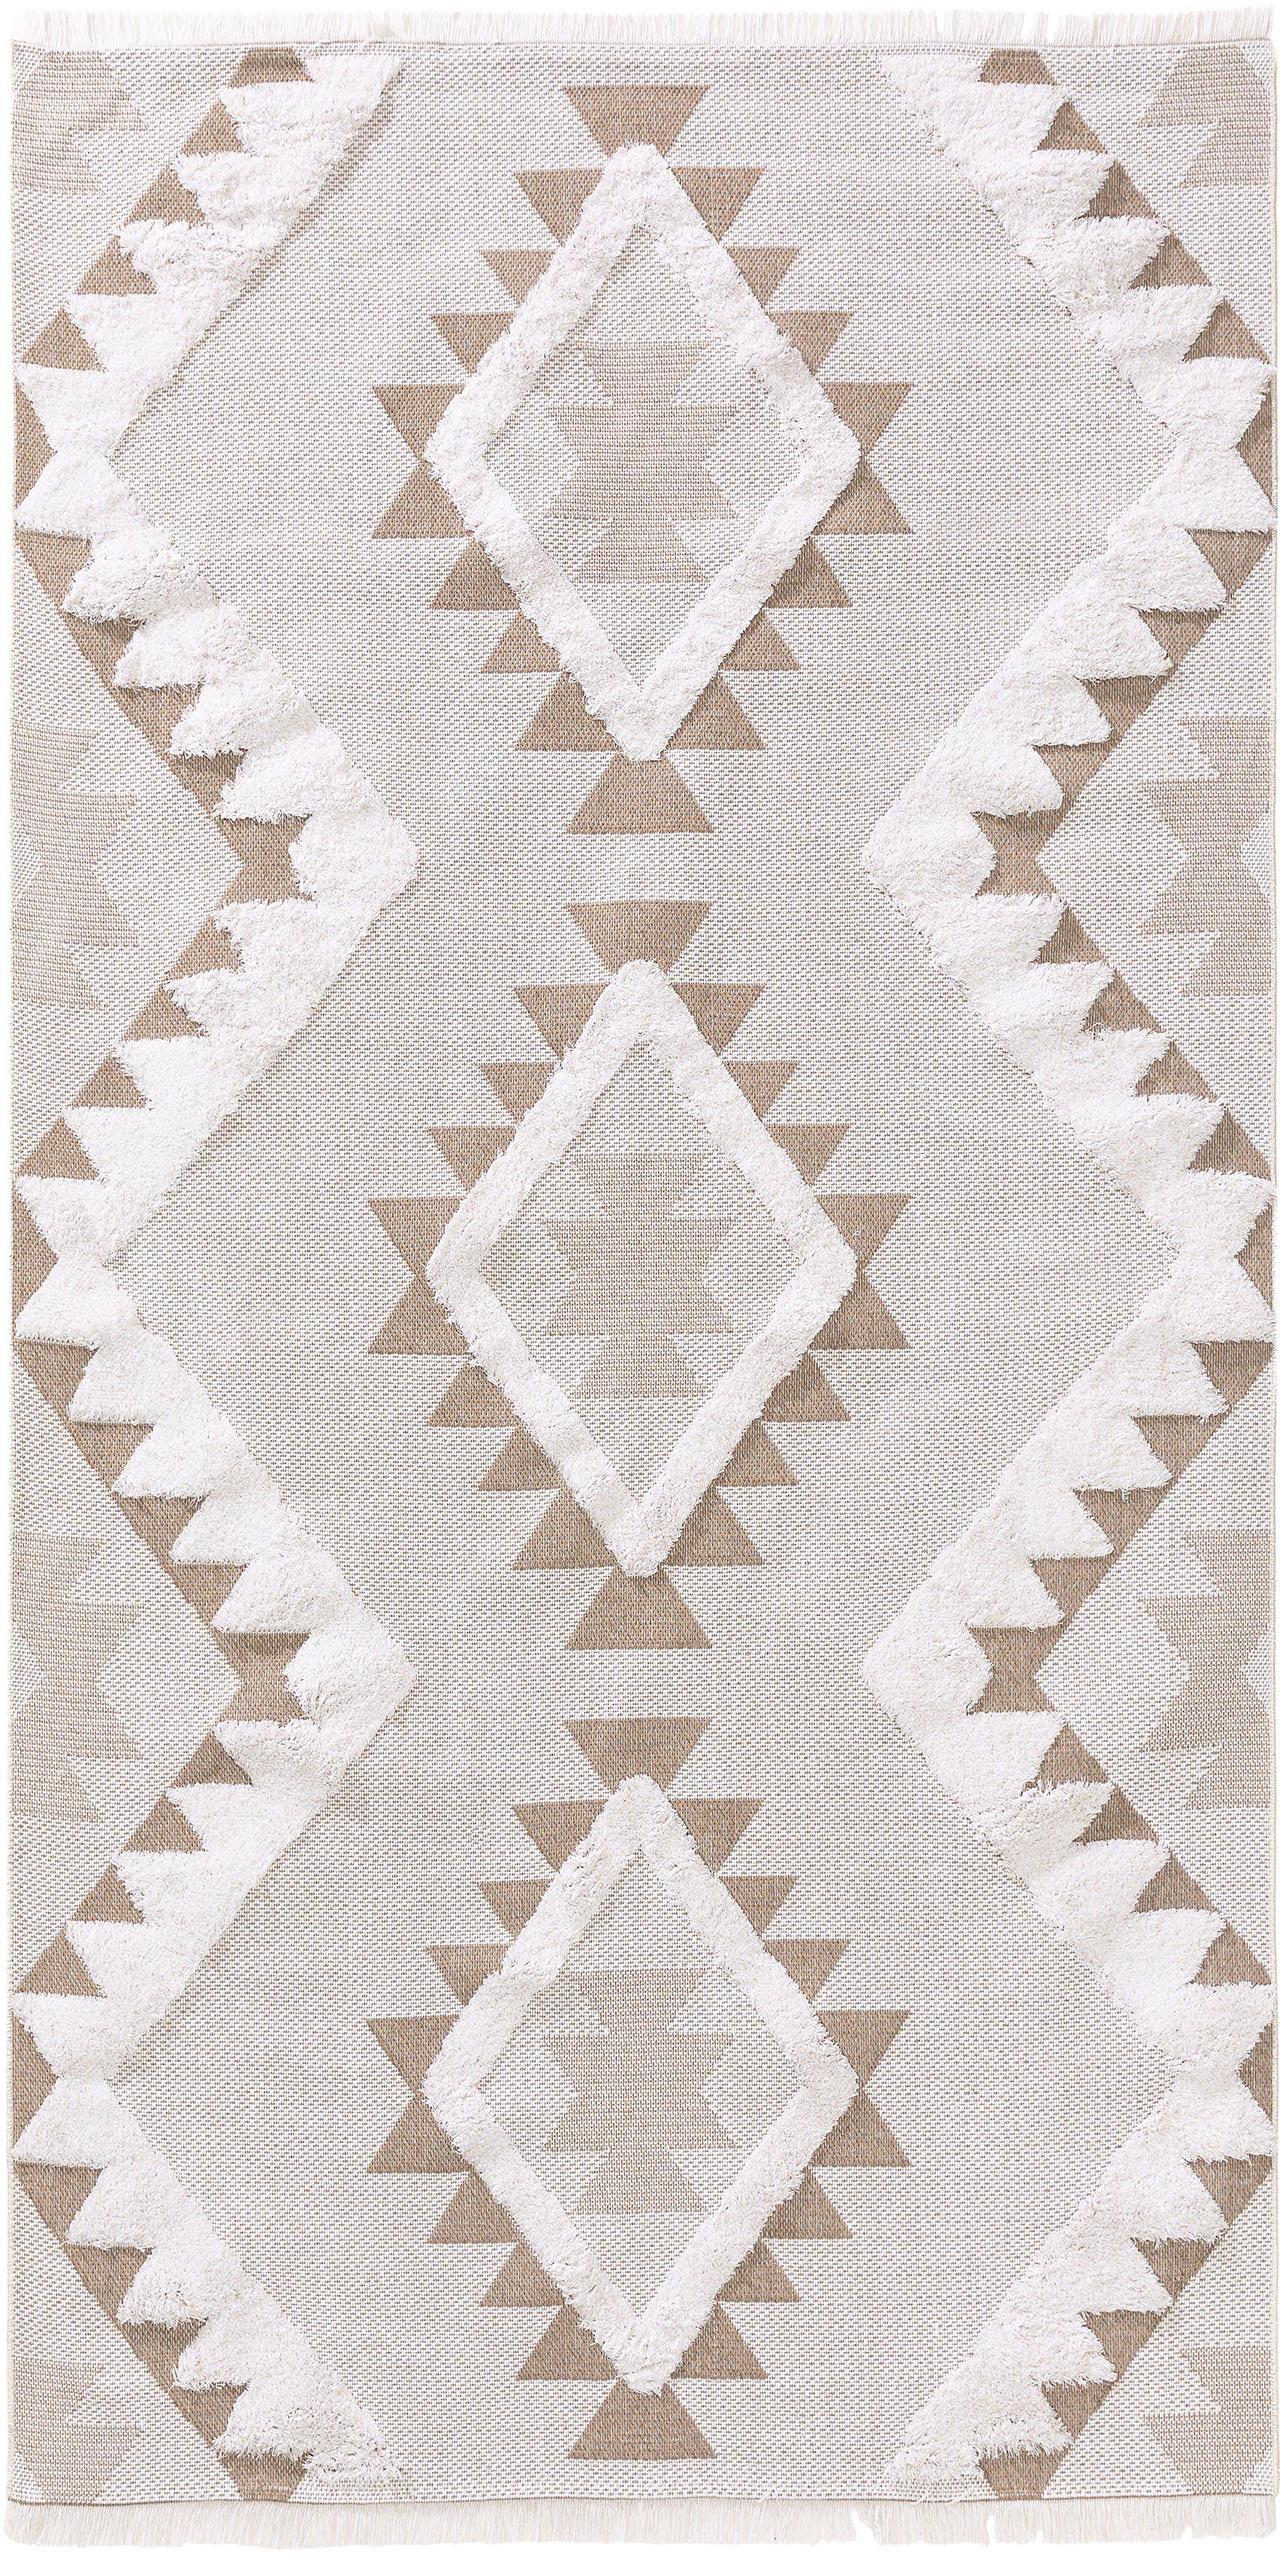 Tappeto in cotone lavato Oslo Aztec, 100% cotone, Bianco crema, taupe, Larg. 75 x Lung. 150 cm (taglia XS)